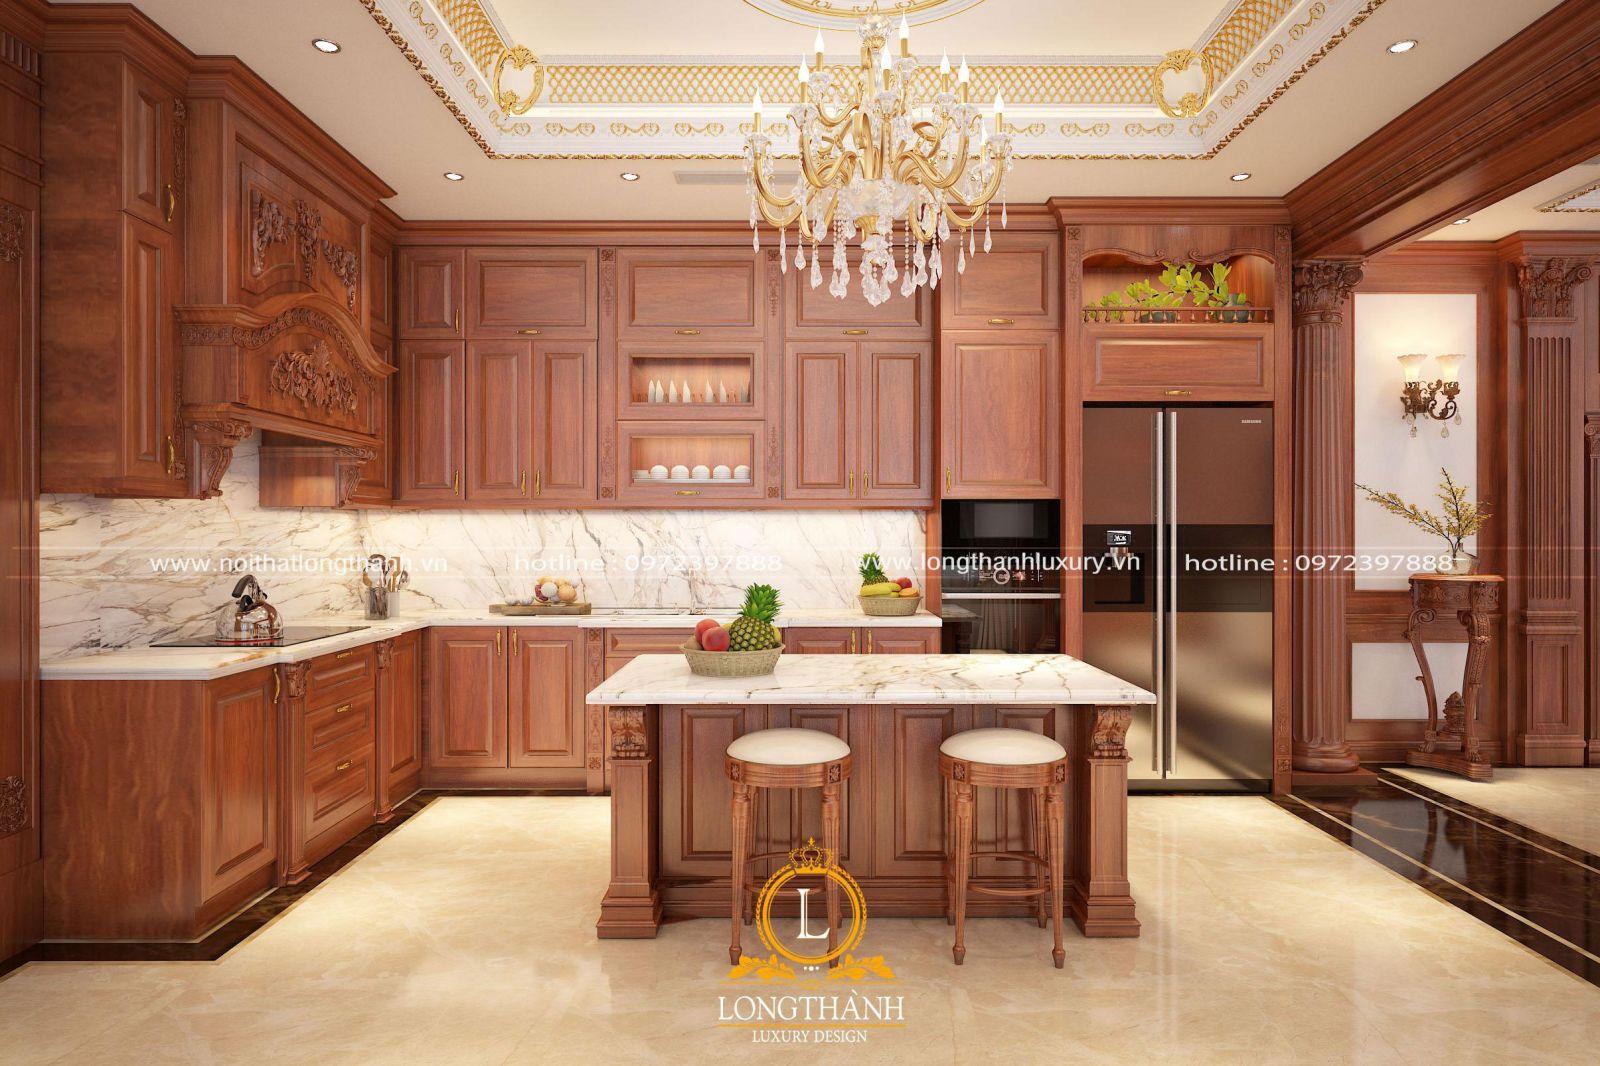 Tủ bếp gỗ Gõ đỏ hình chữ L cho thiết kế nhà biệt thự